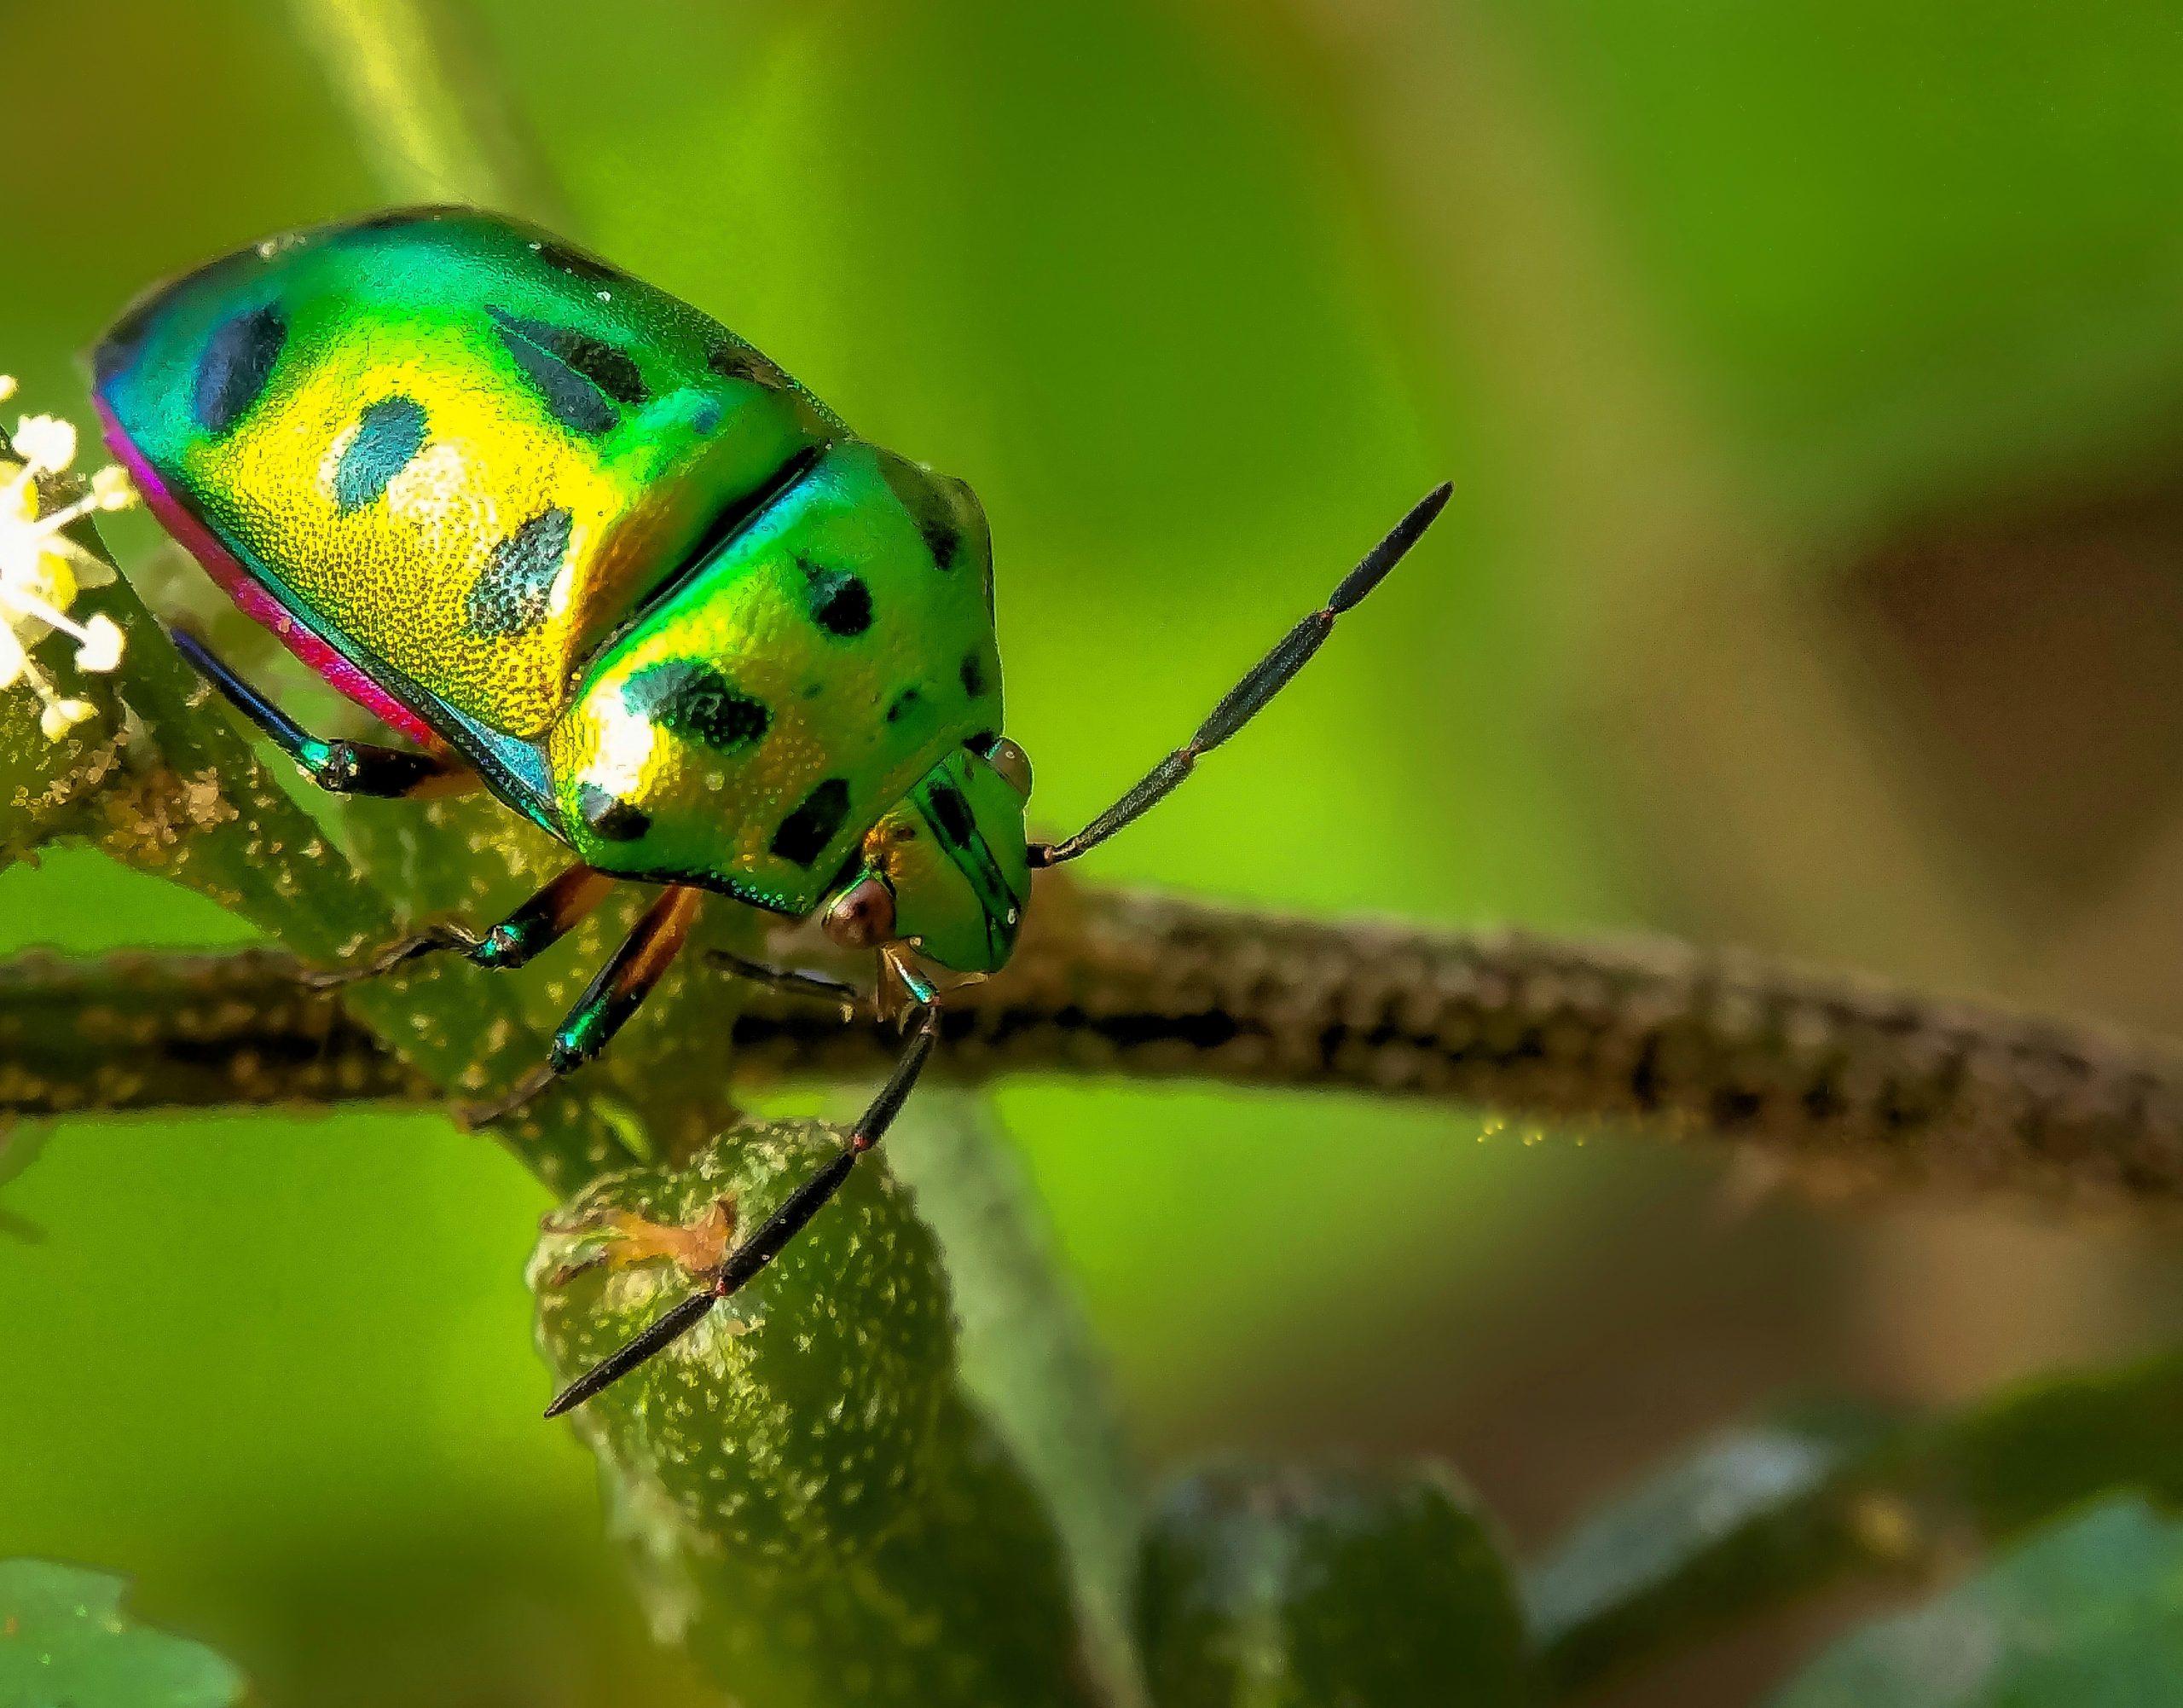 Beetle on plant